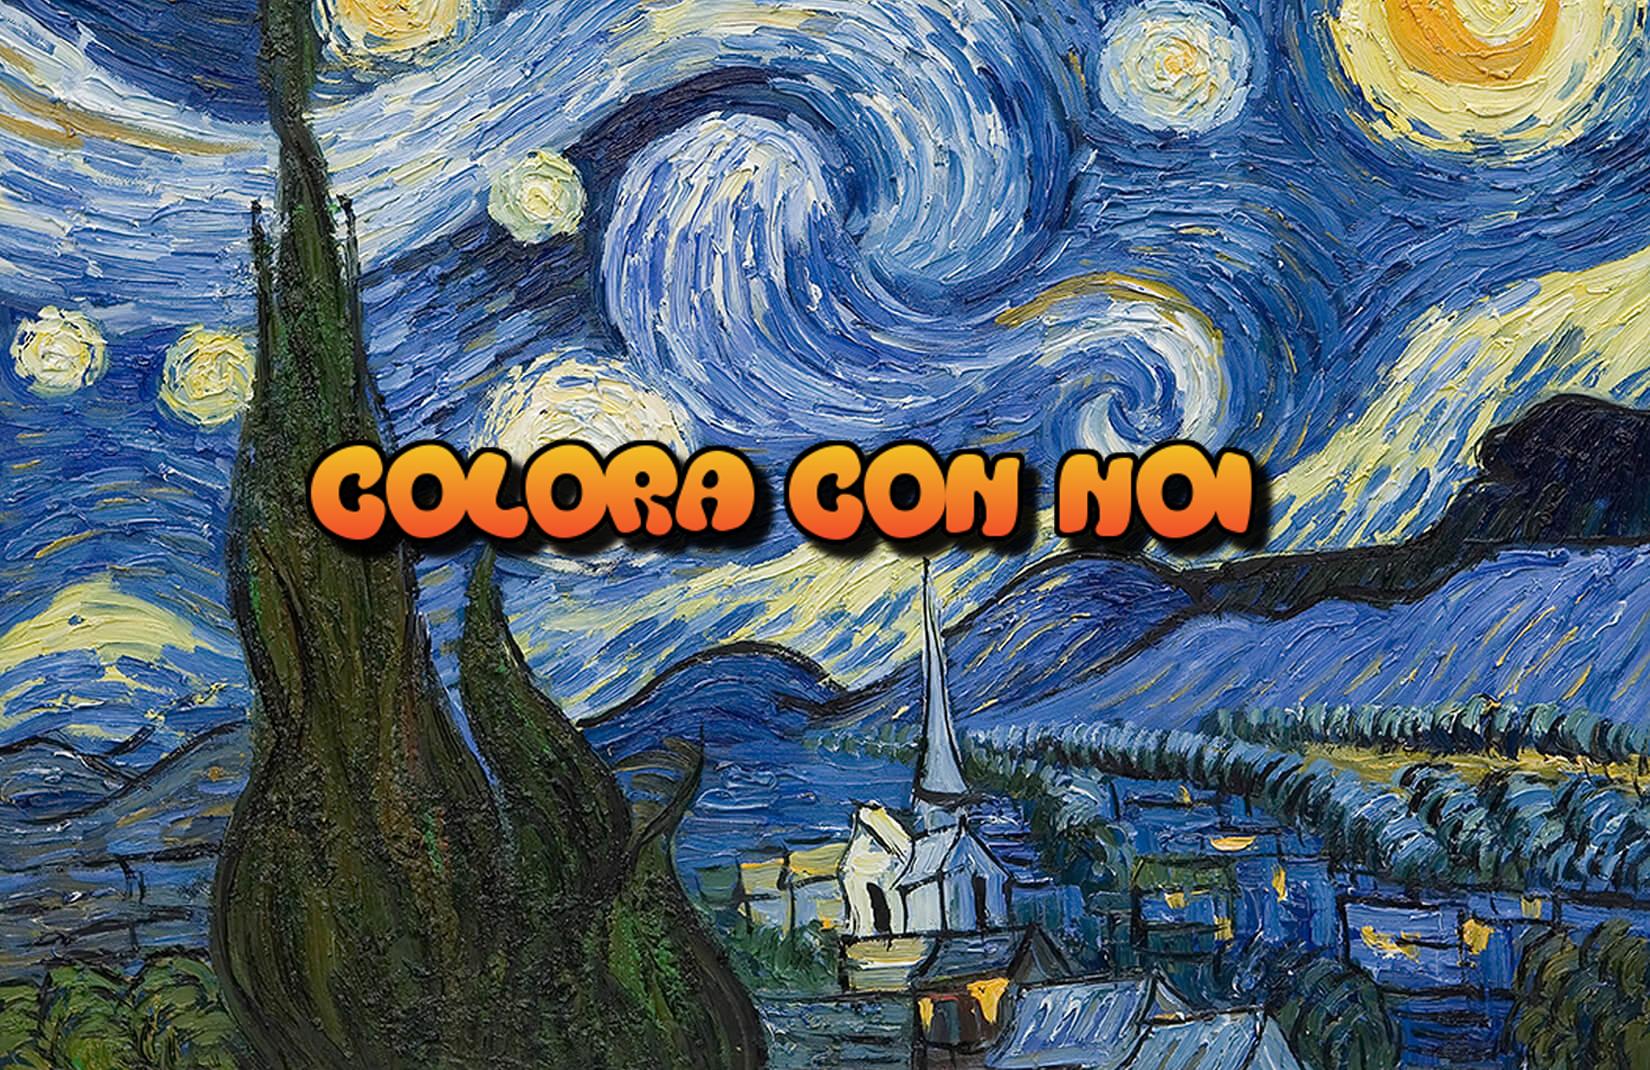 Colora con noi! Quattro quadri di Van Gogh da scaricare e colorare